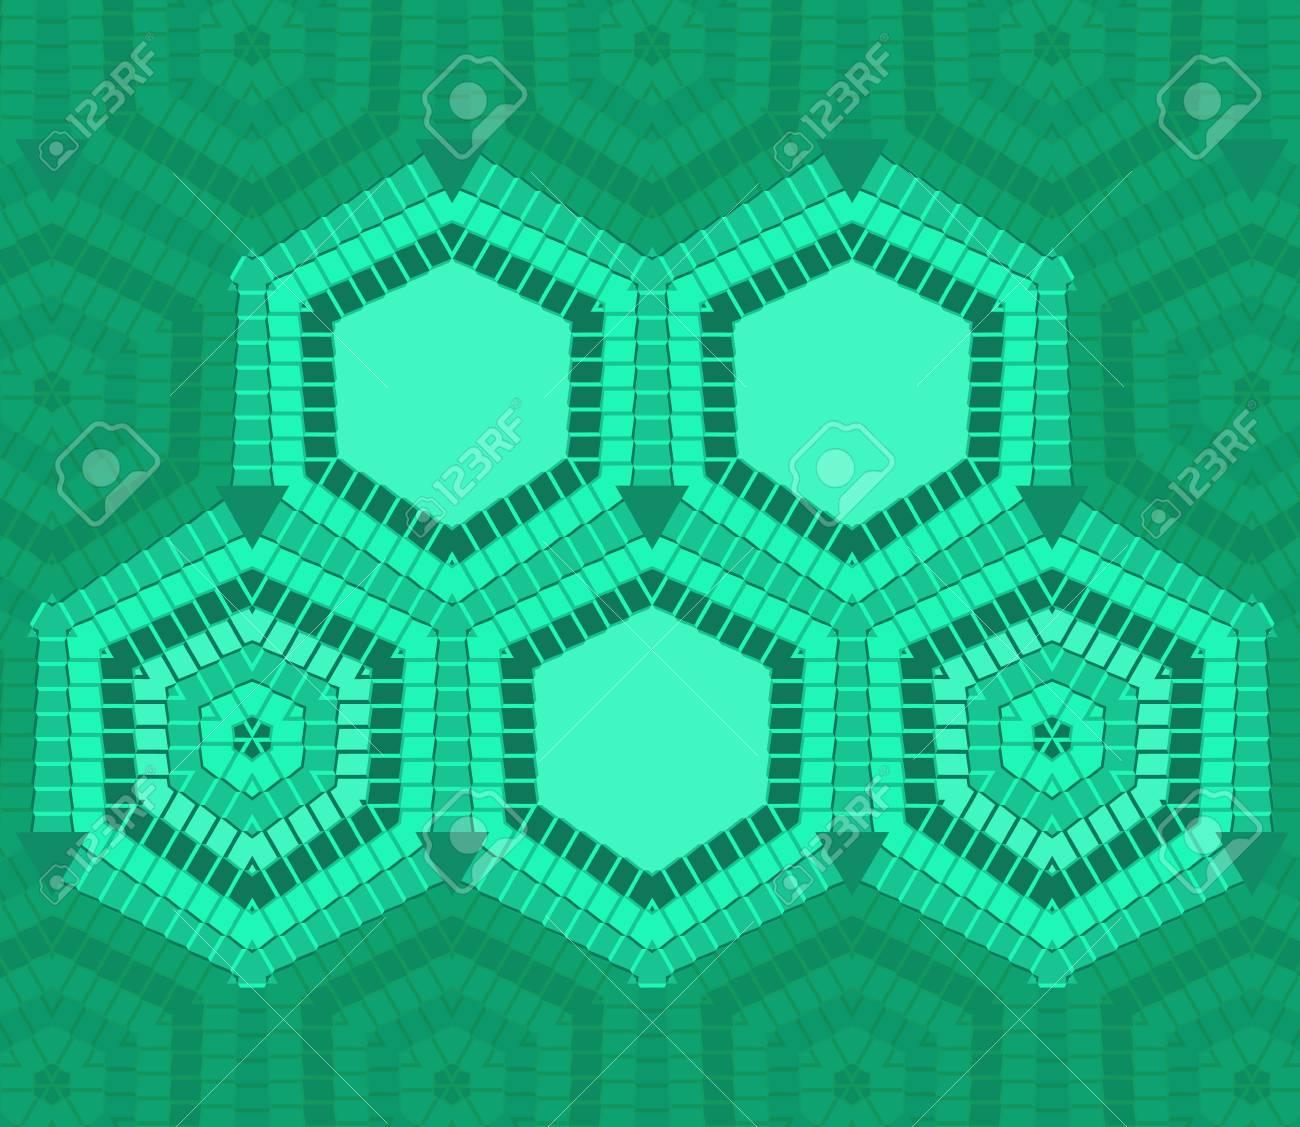 Perfecto Plantilla Hexagonal Gratis Bandera - Ejemplo De Colección ...